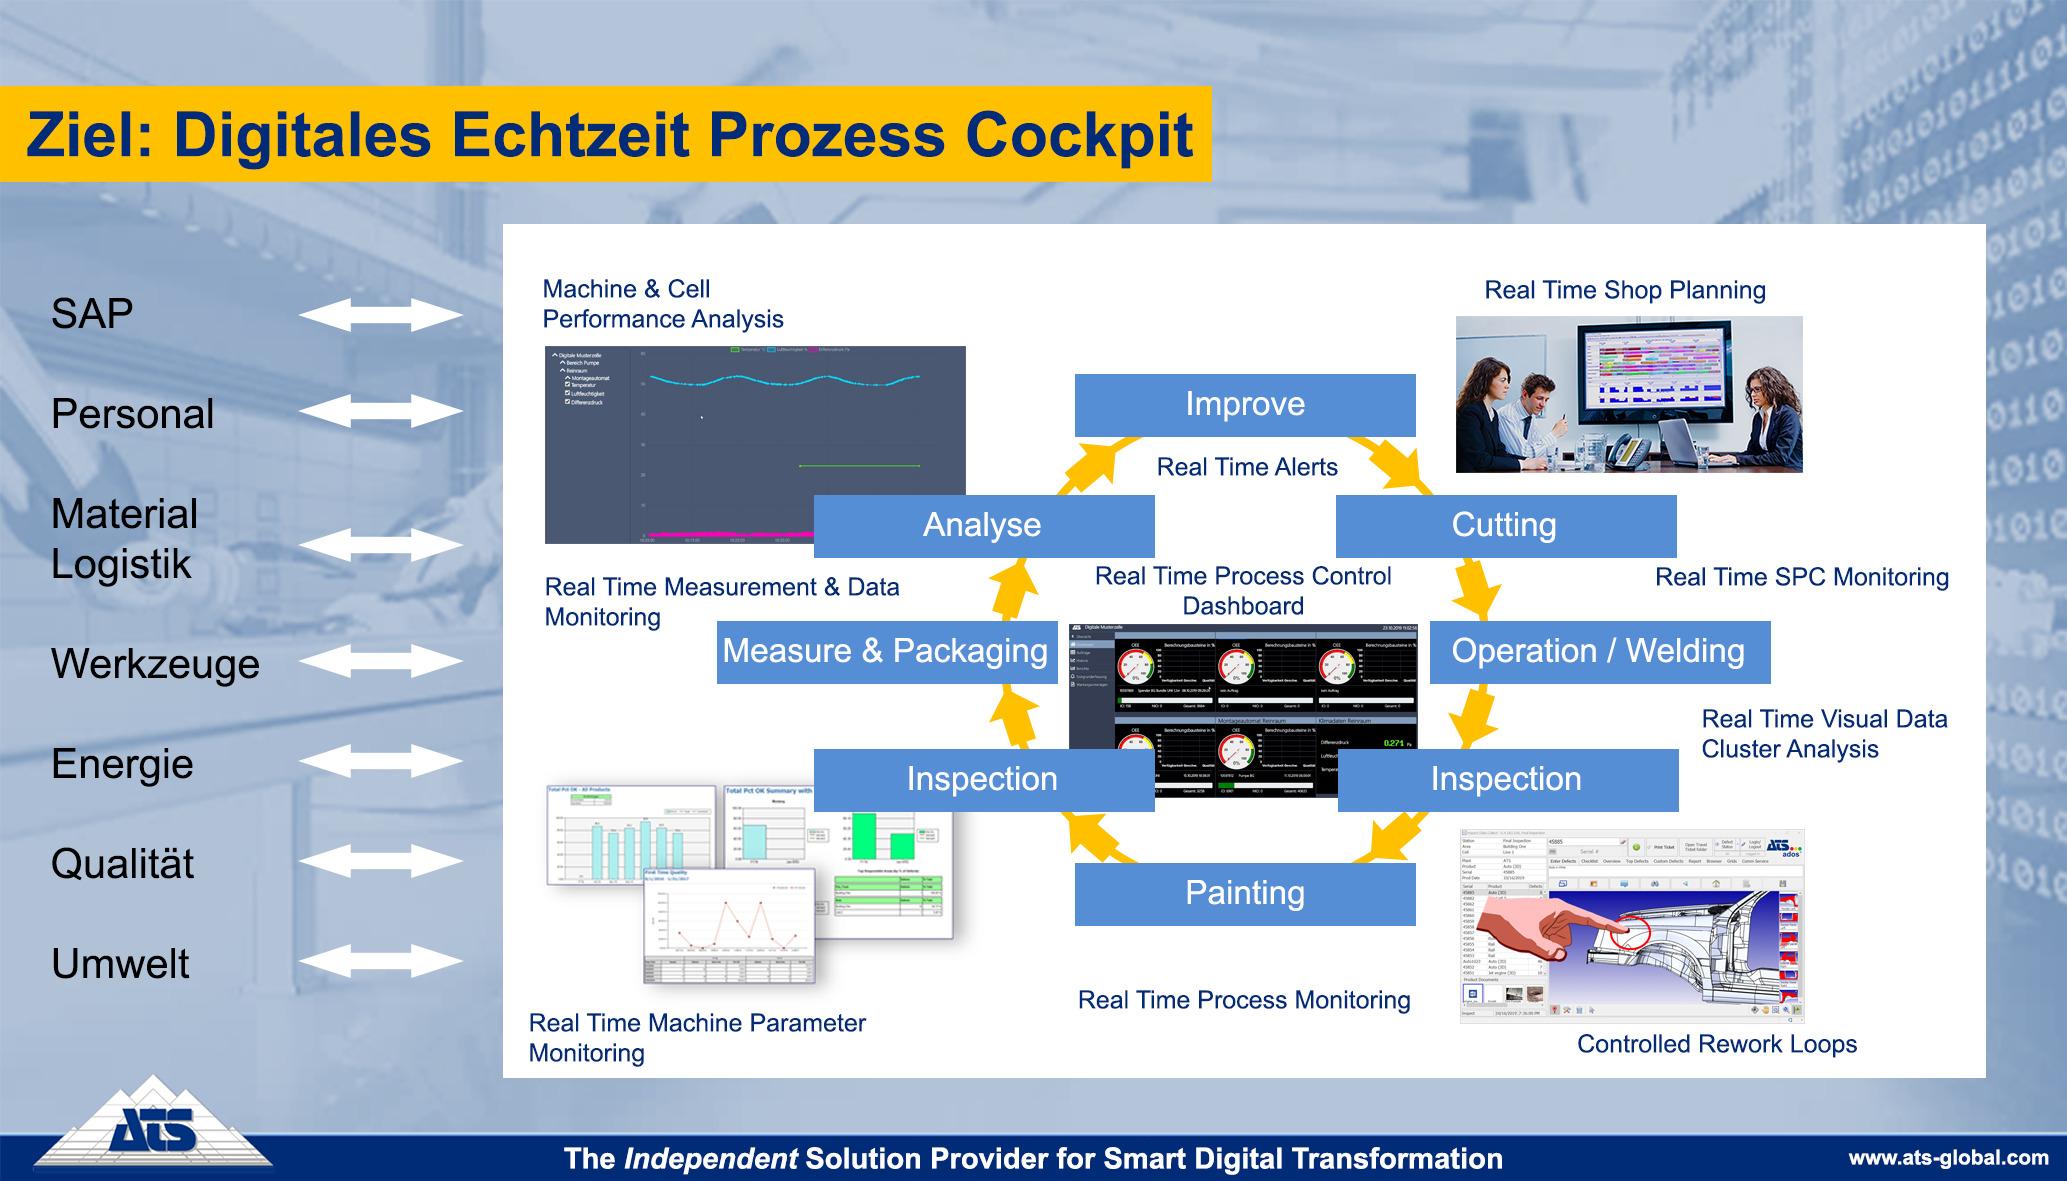 Schaubild: Digitales Echtzeit-Cockpit (Bild: ATS Gesellschaft für angewandte technische Systeme mbH)